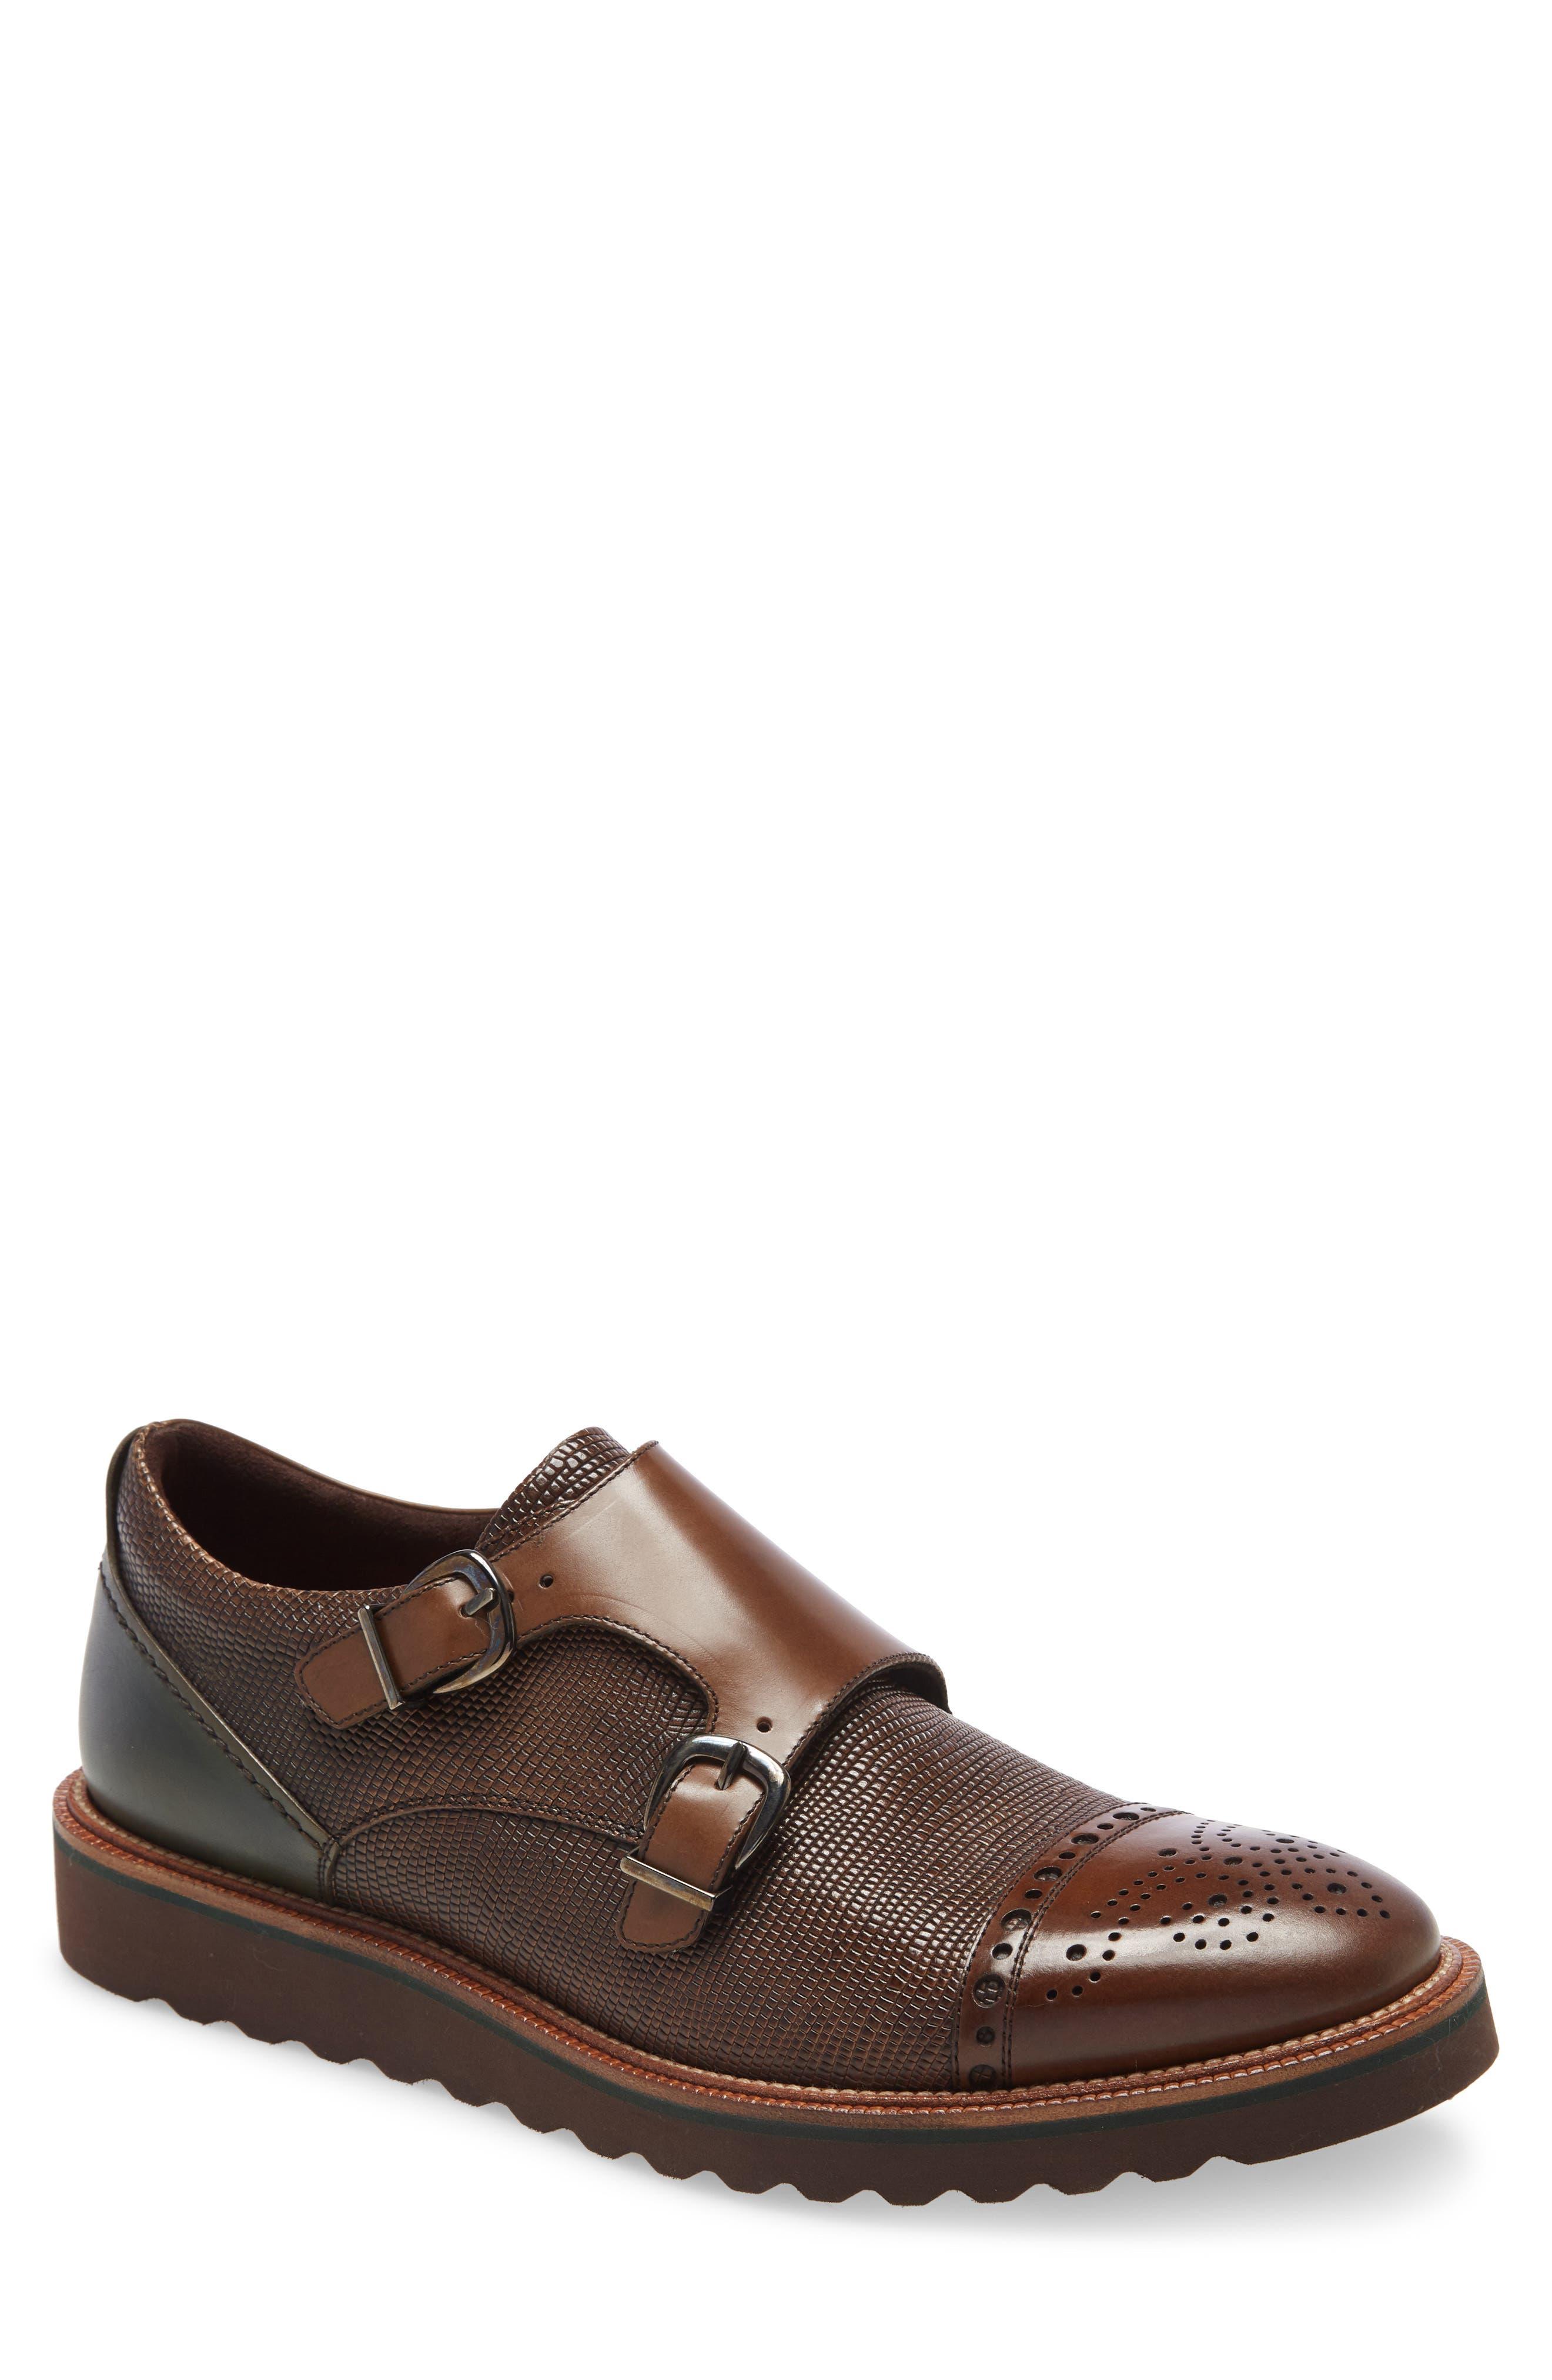 Monza Monk Strap Shoe